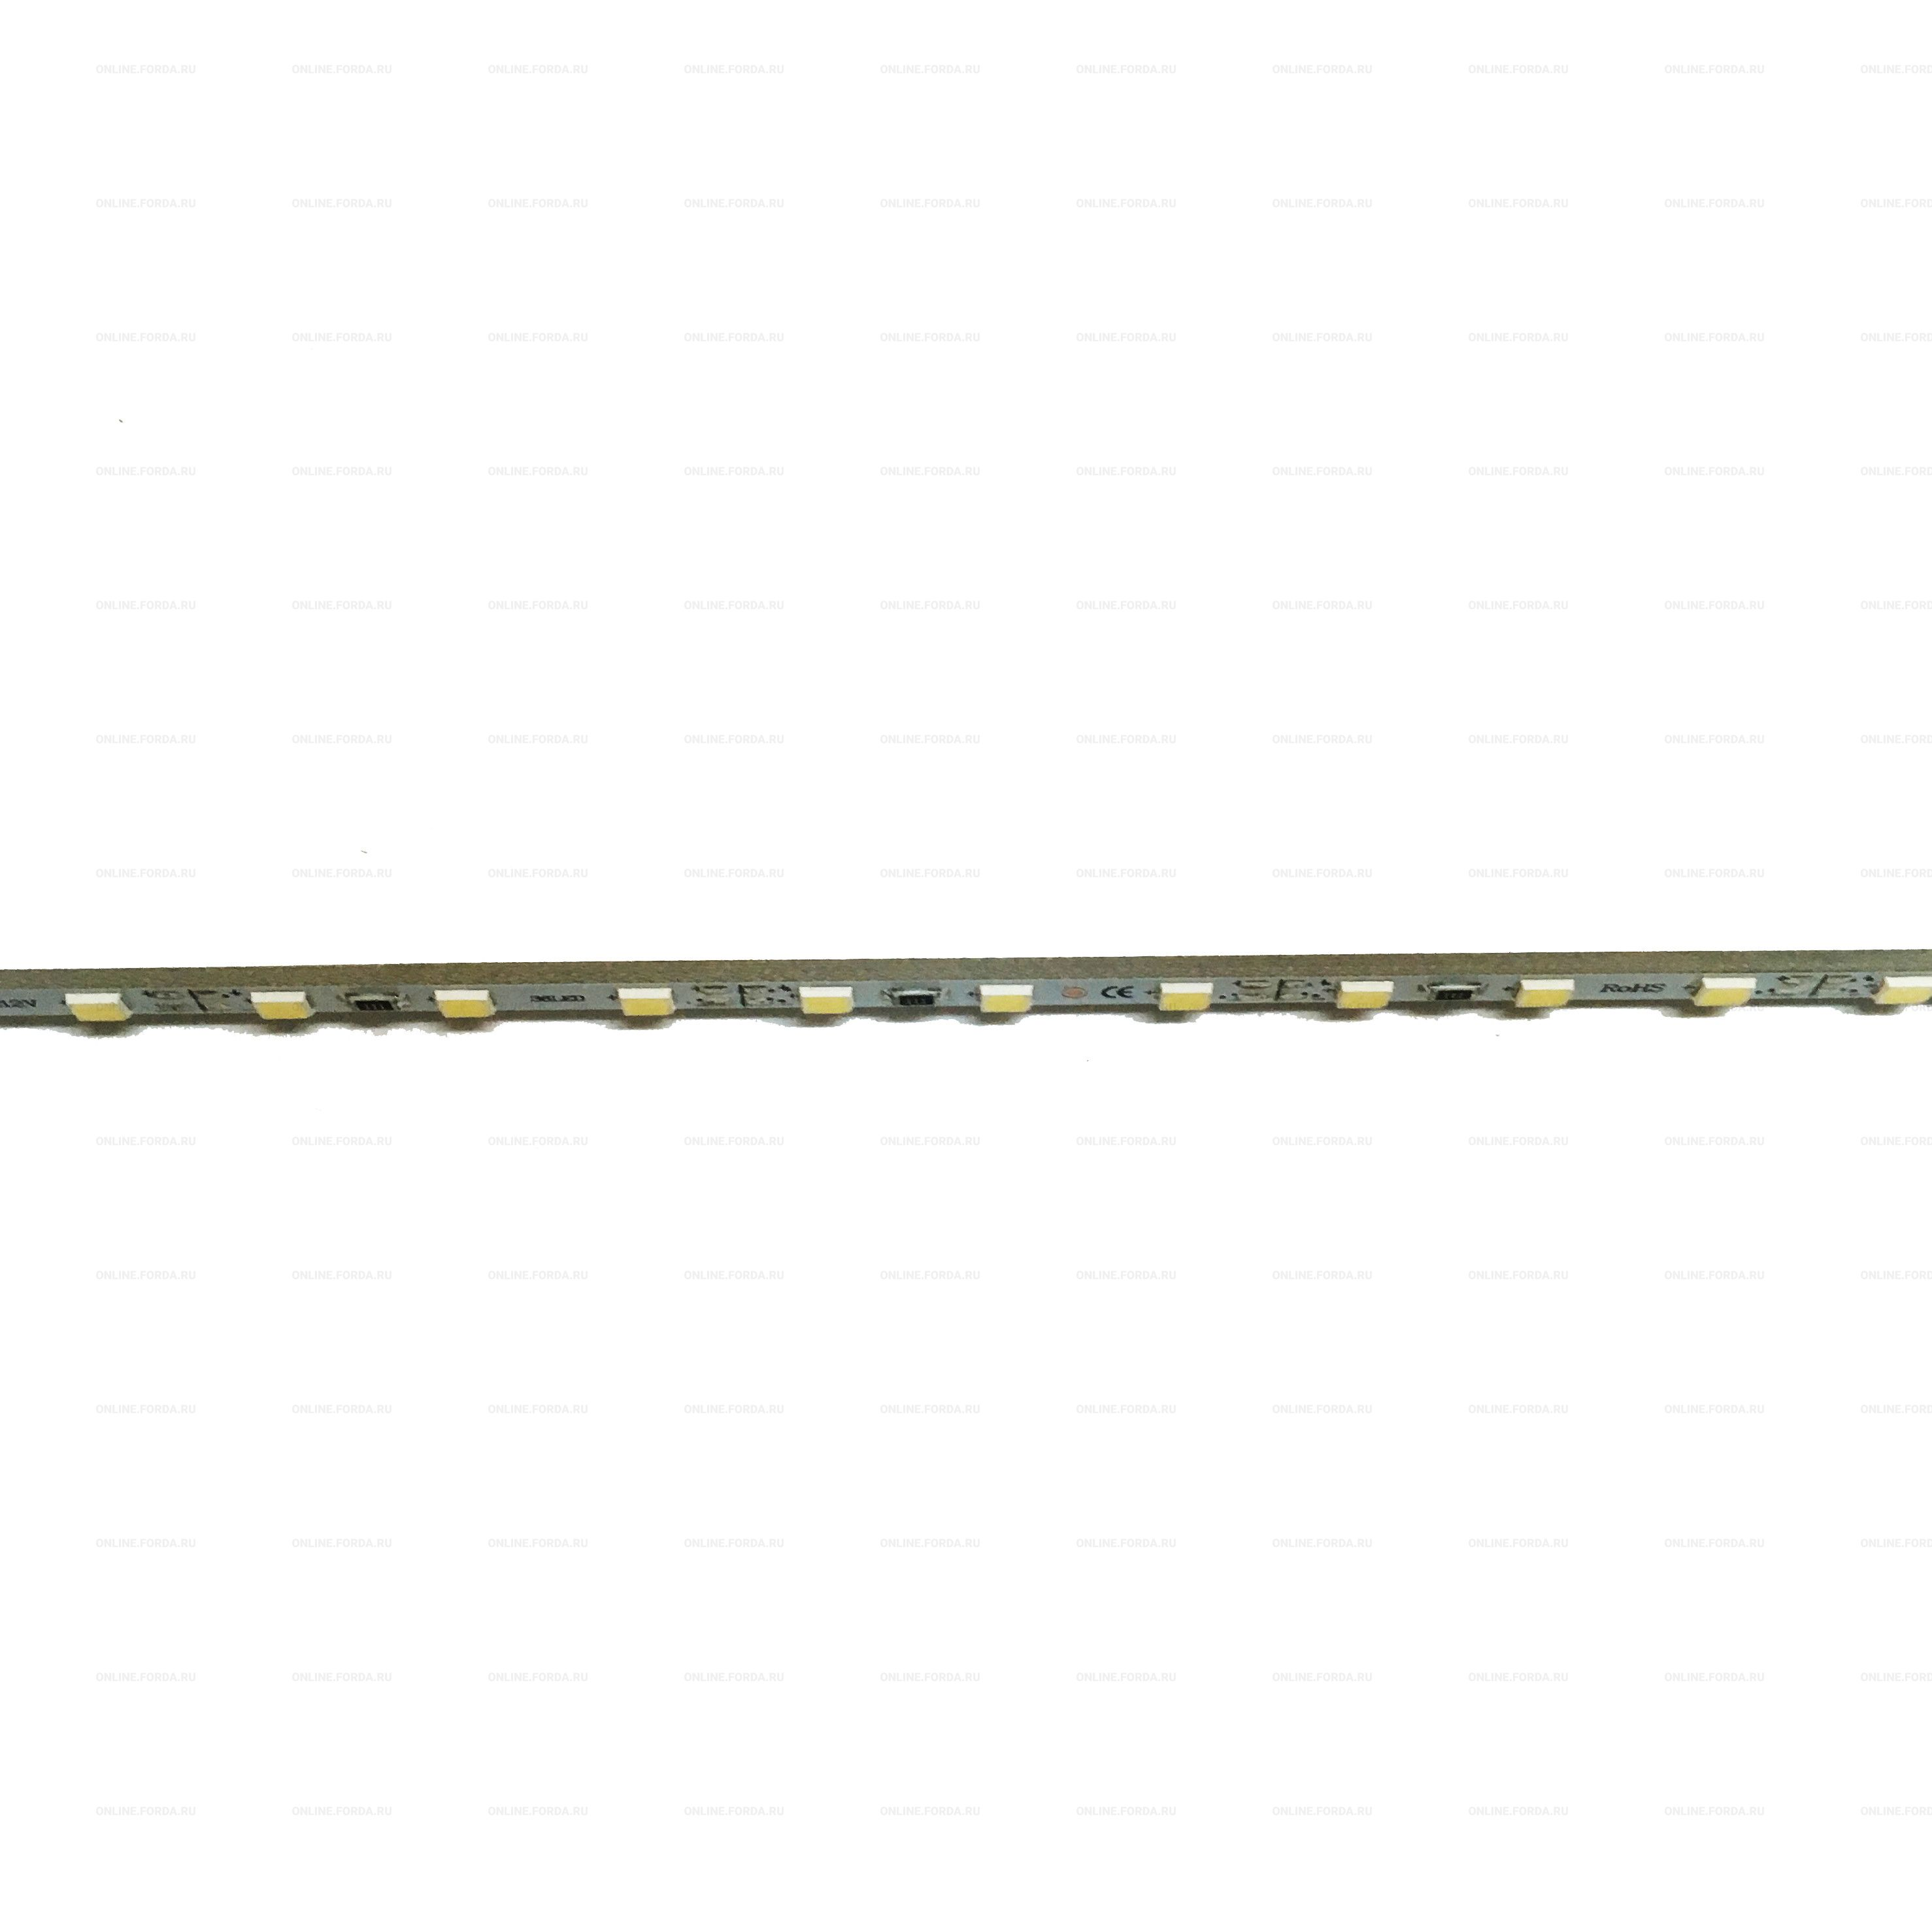 Линейка жесткая узкая 4 мм, 36 led 2835 smd (20-22Lm) 12V, 29см